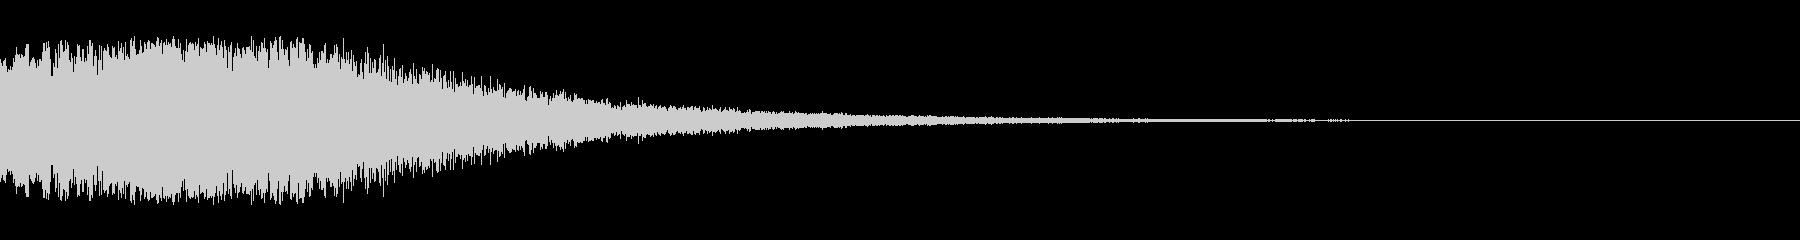 シンセサイザー ゲームスタート音2の未再生の波形